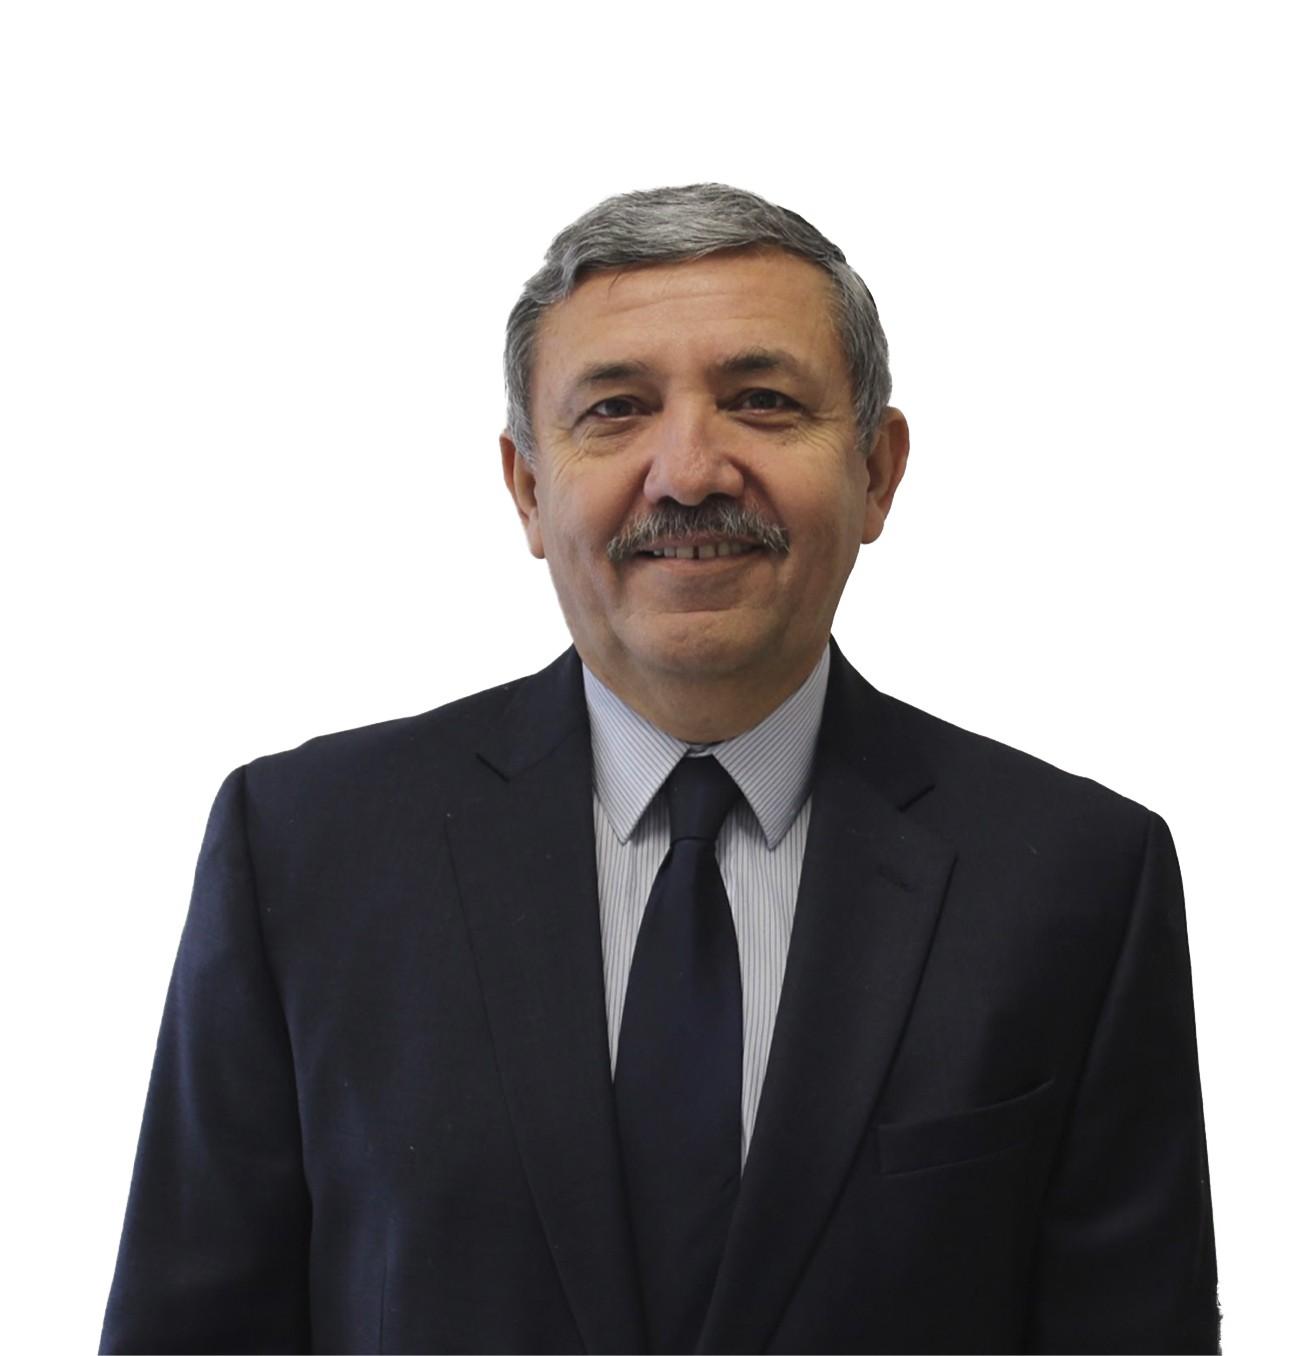 Antonio Dos Santos Conceicao